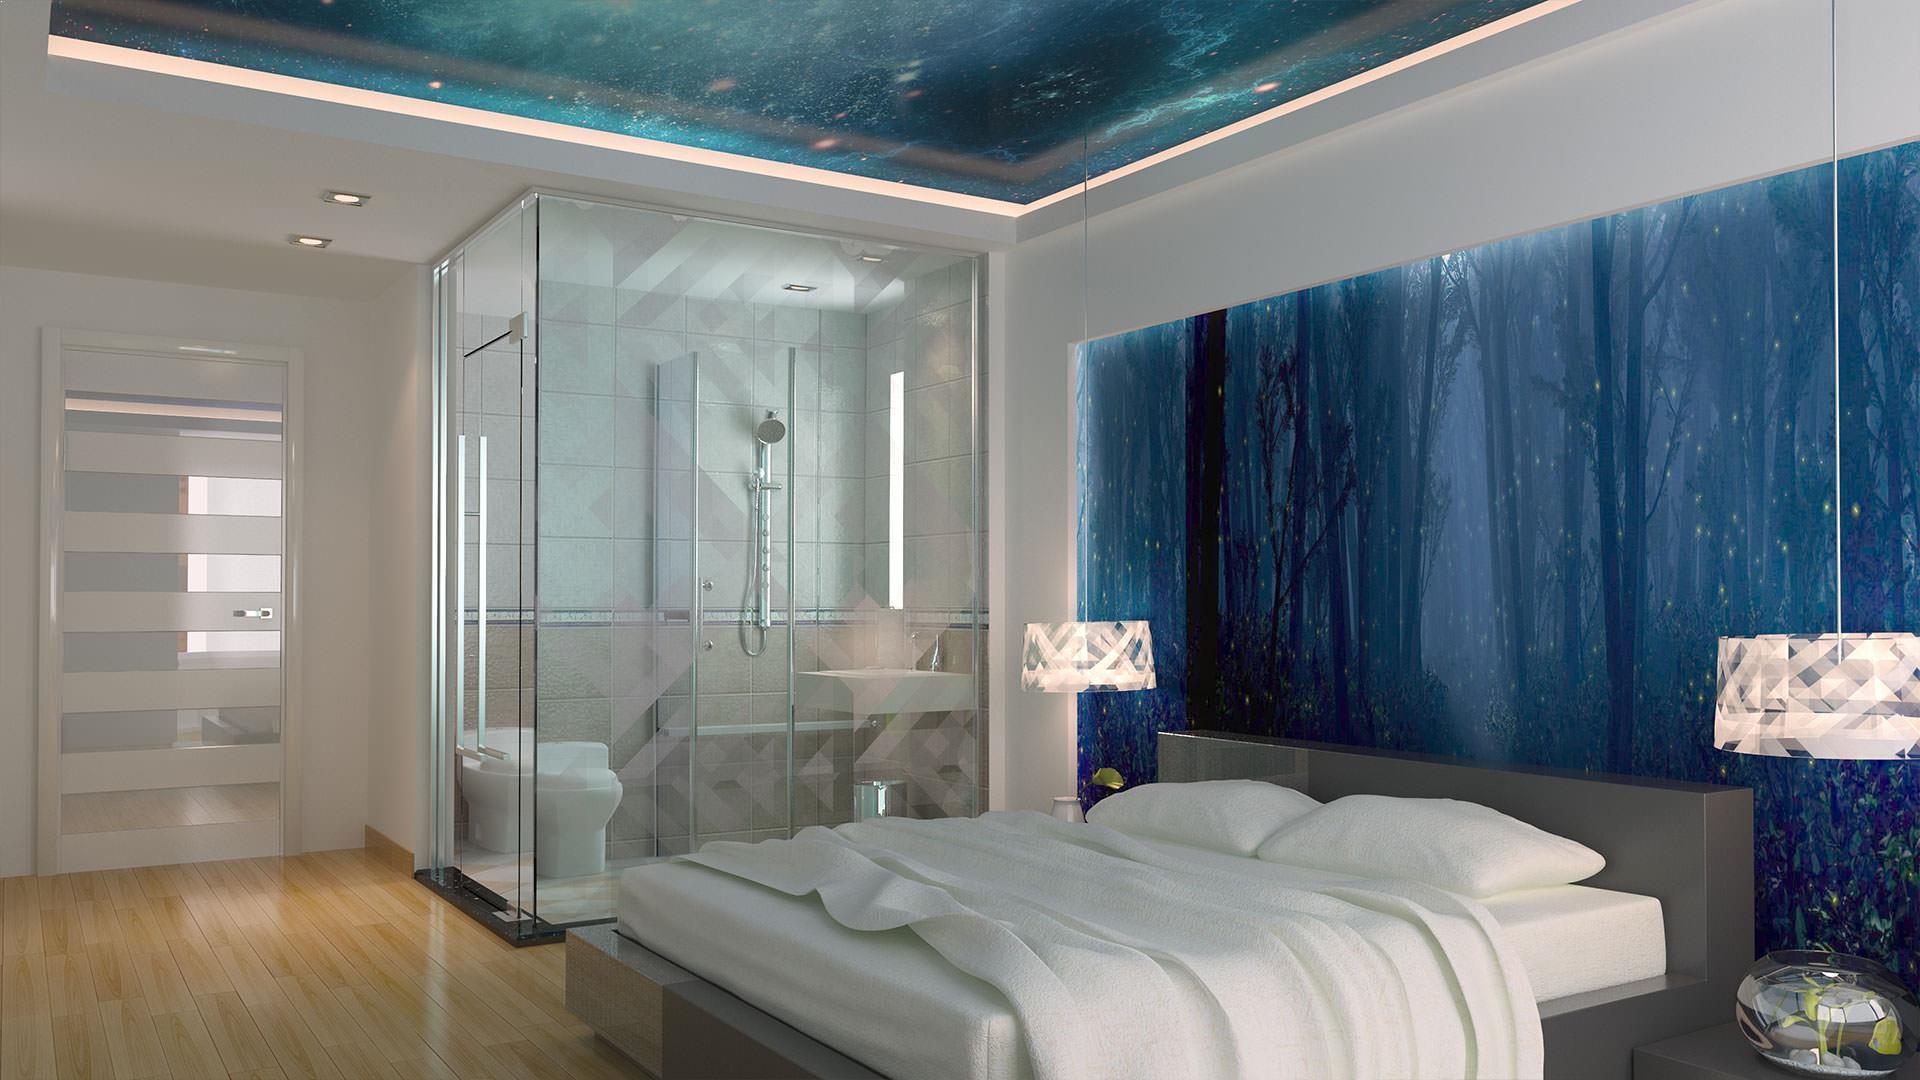 Дизайн потолка и обоев в спальне идеи 34